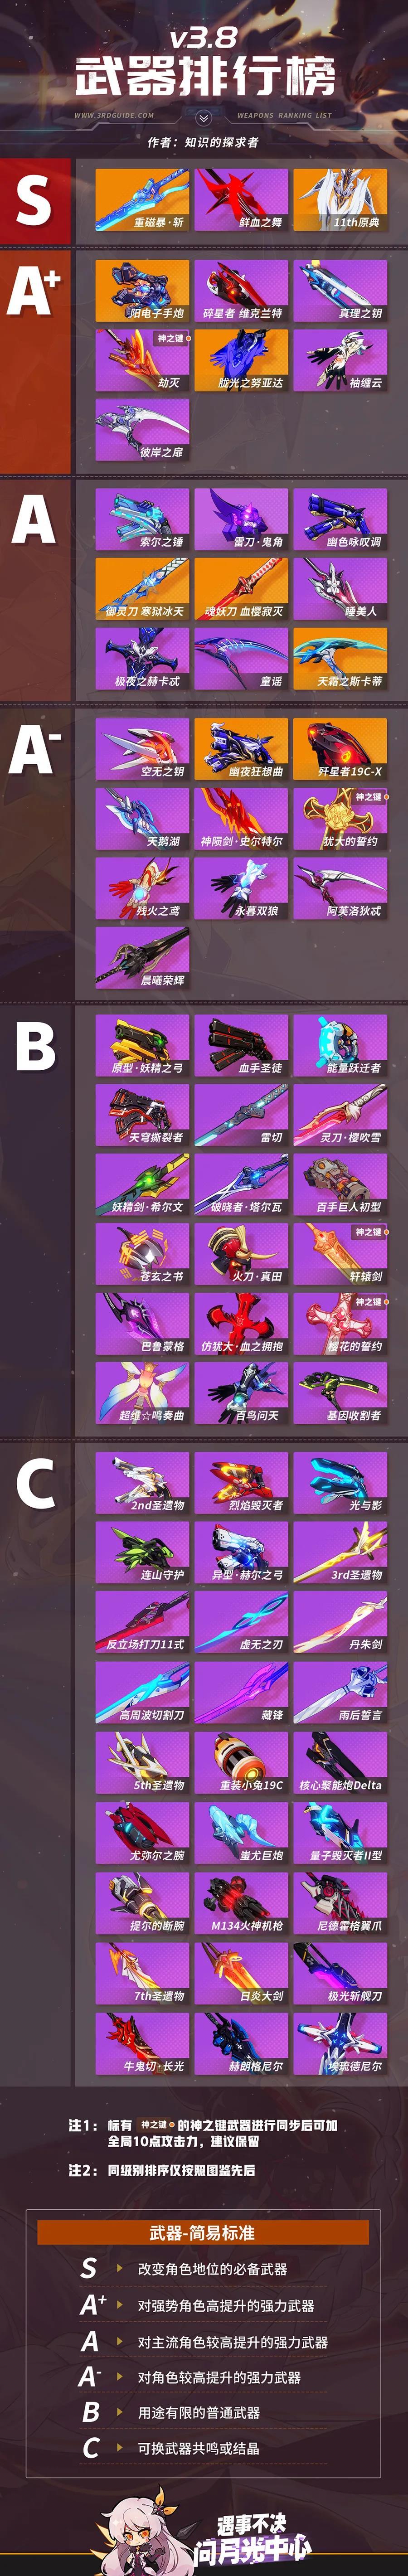 《崩坏3》3.8武器强度排行榜